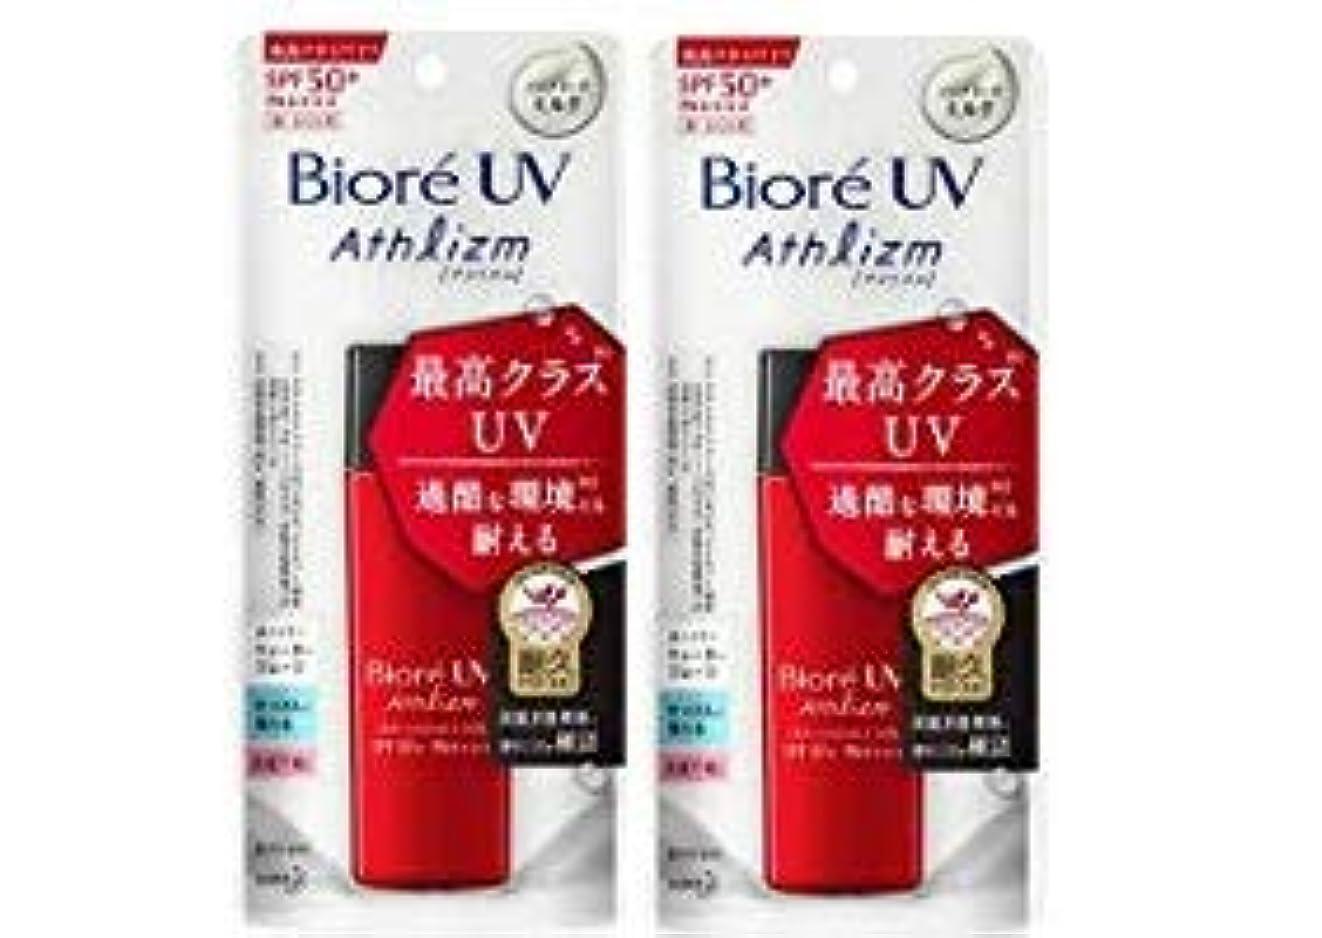 祈りミキサー見るビオレ UV アスリズム スキンプロテクトミルク 日焼け止め 65ml 2個セット